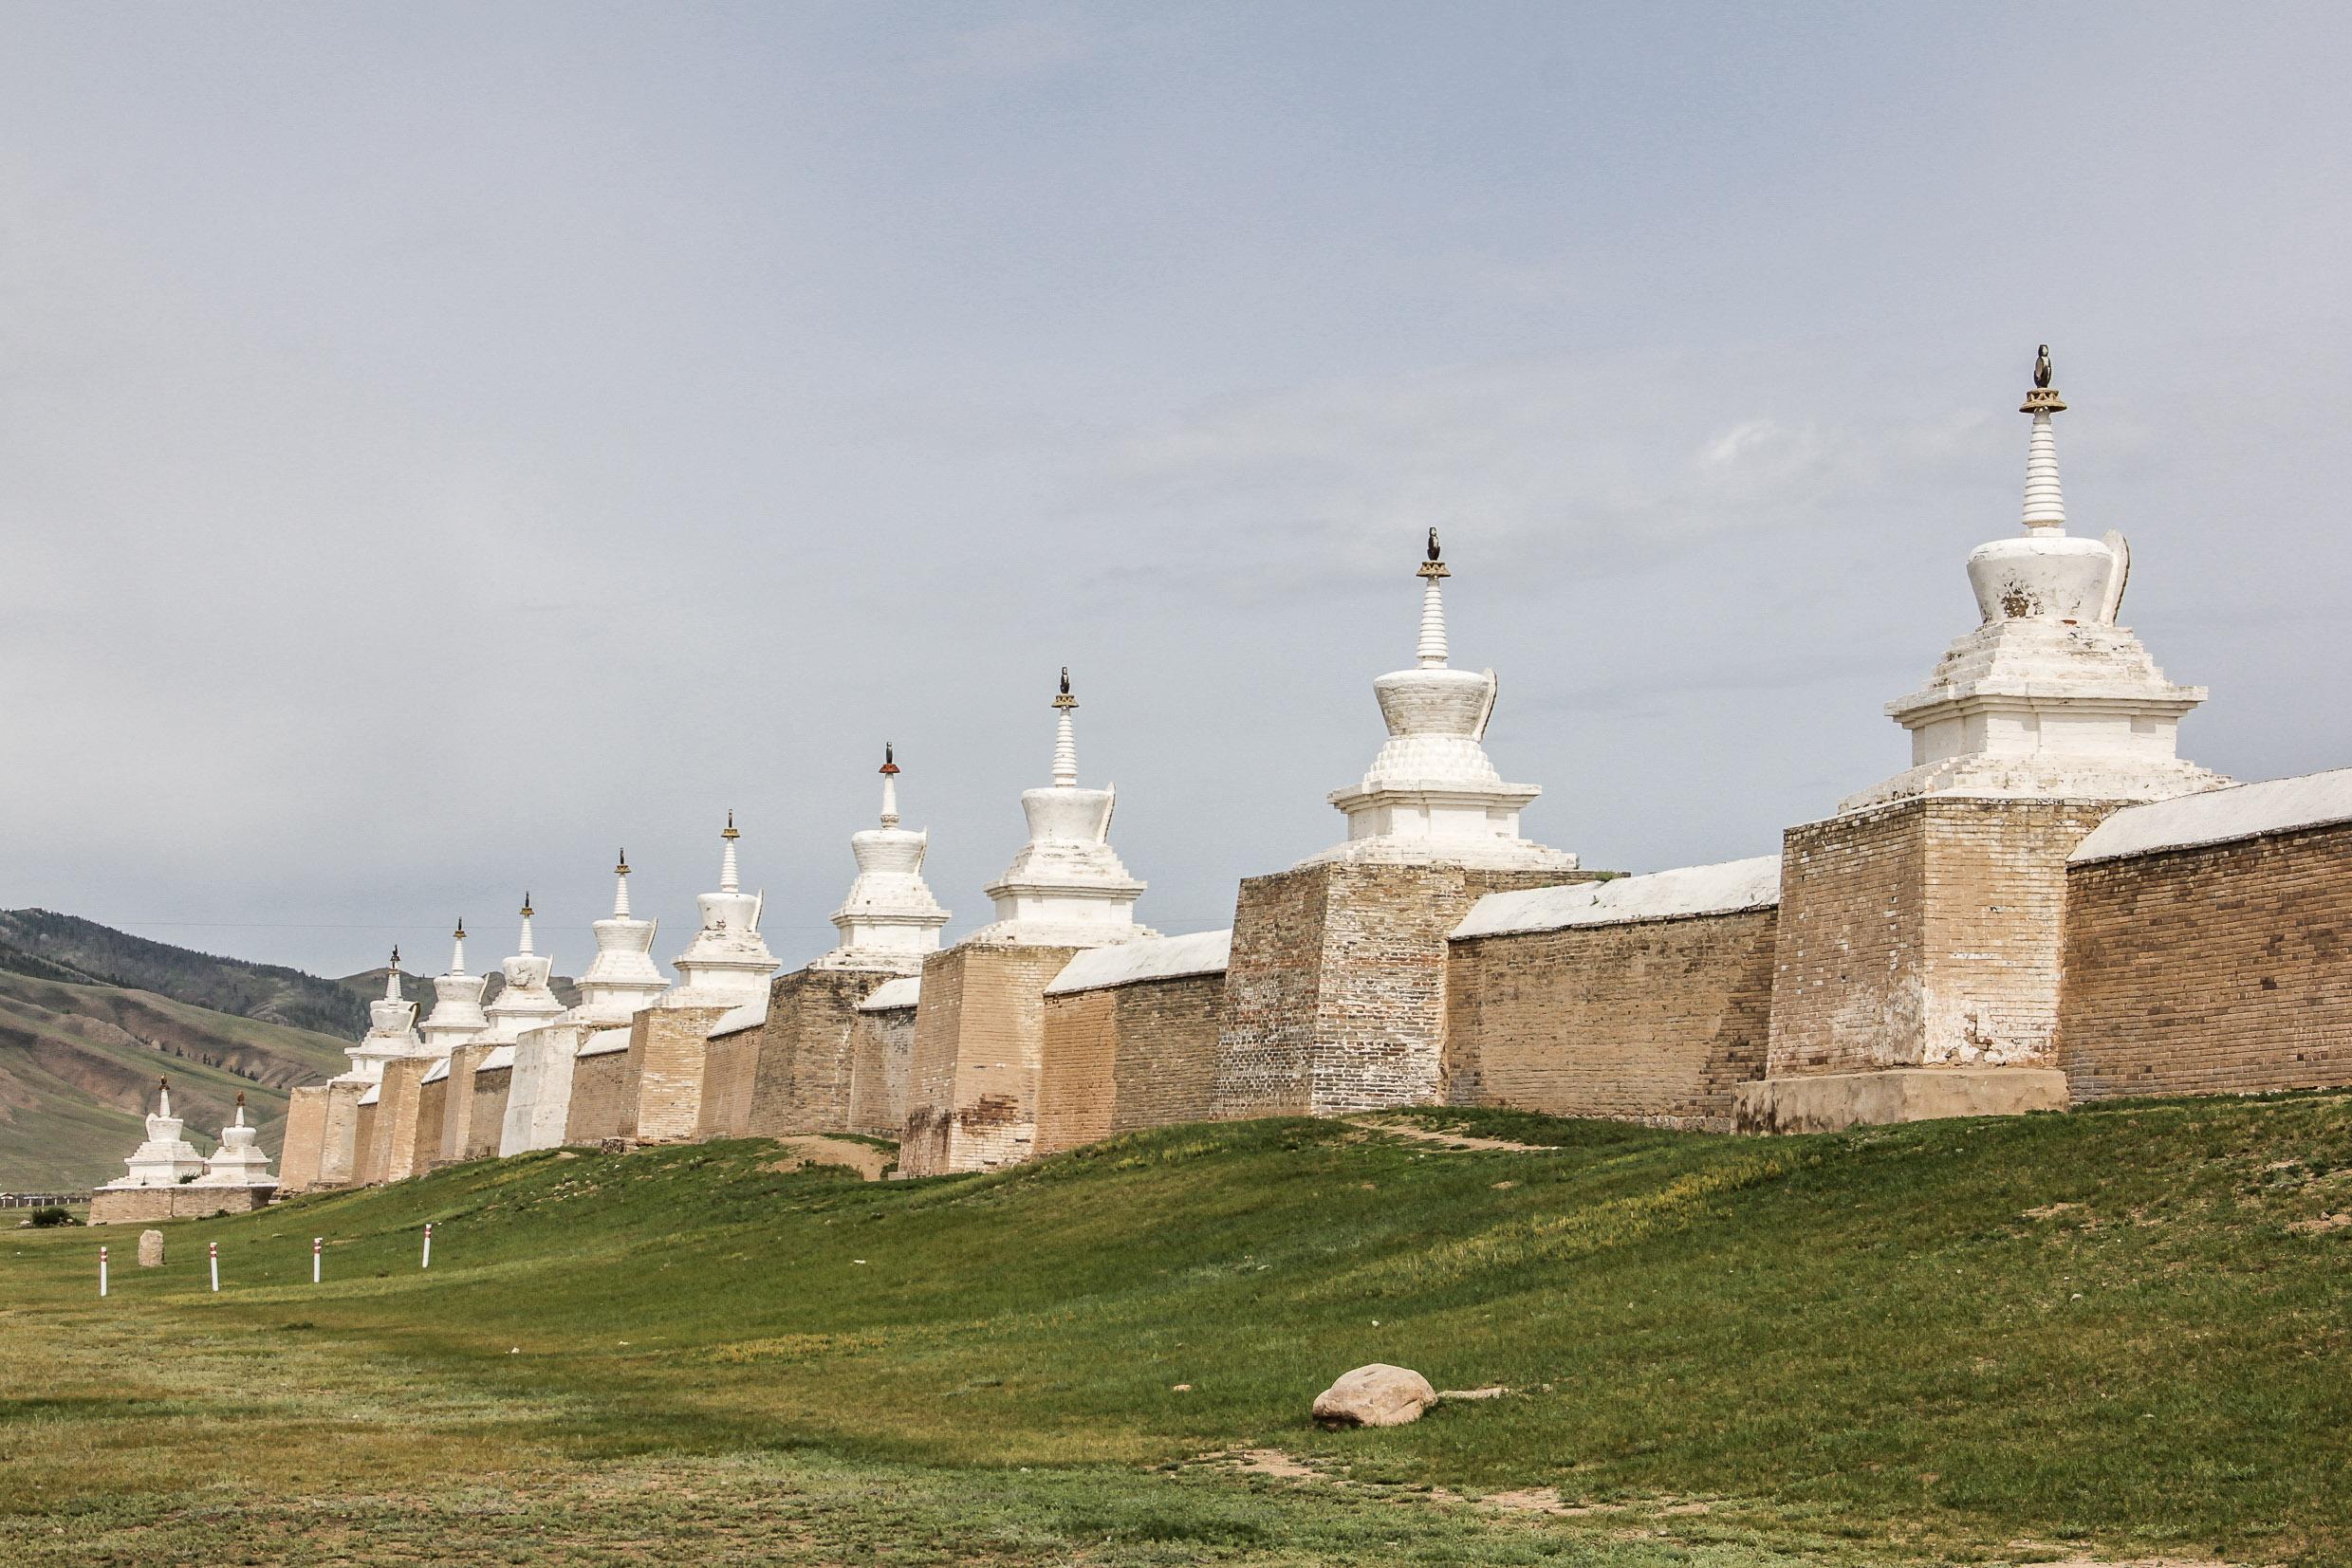 Le mur qui entoure le Monastère d'Erdene Zuu